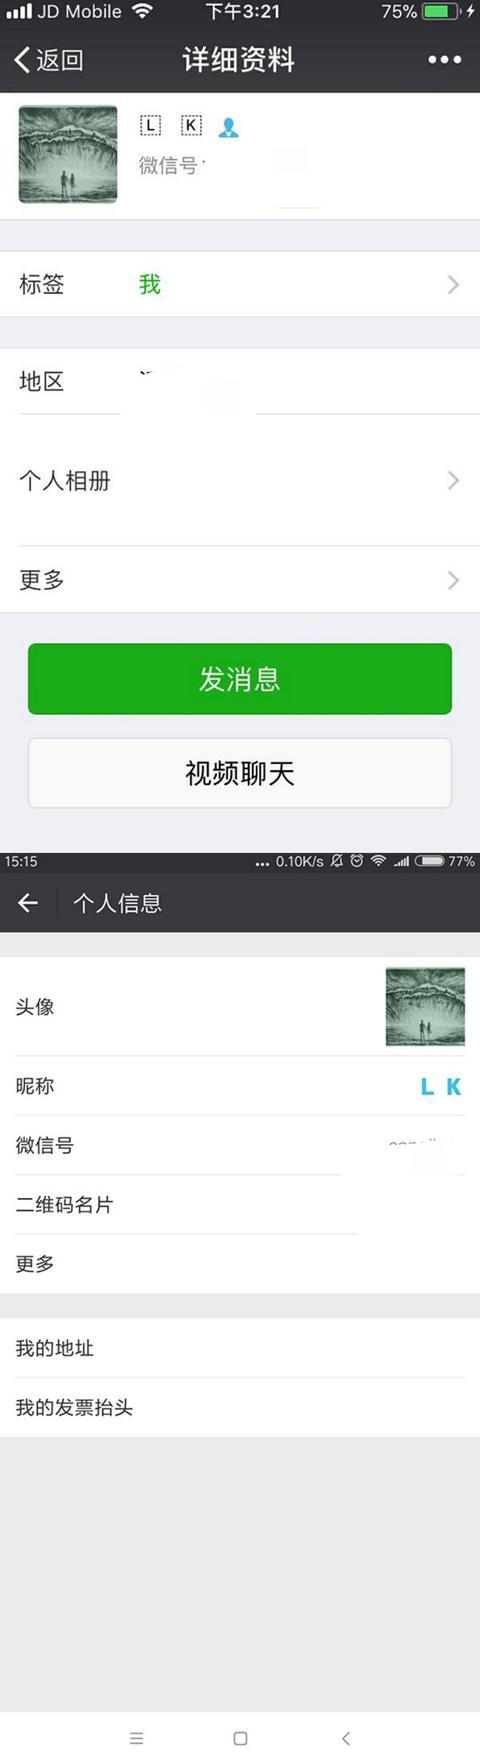 2019最新微信名字彩色字母可复制_wishdown.com